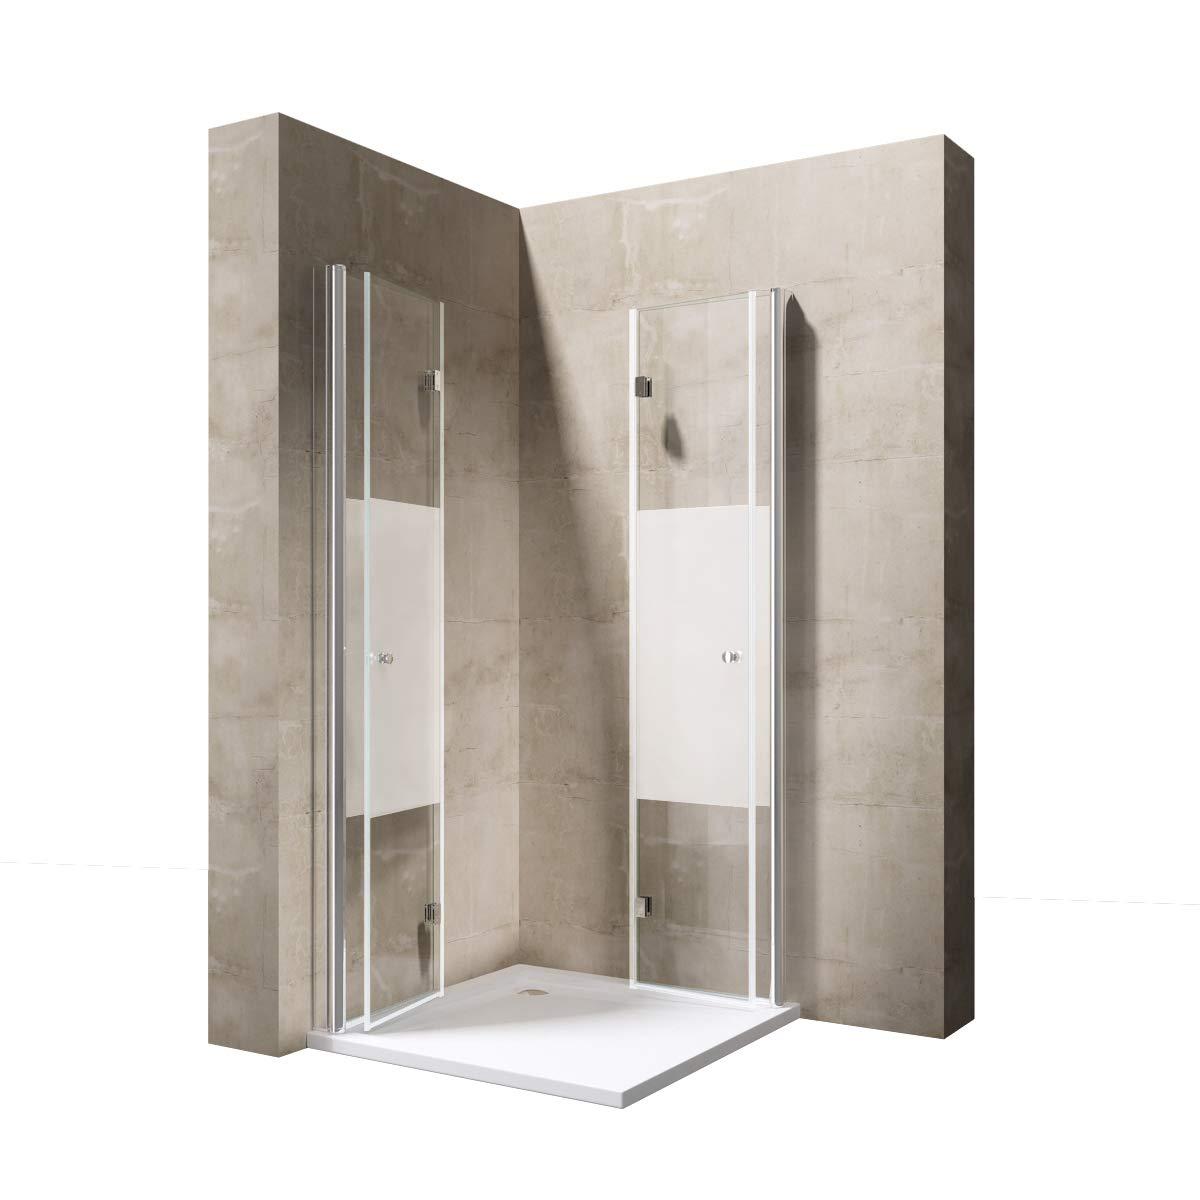 Sogood paroi pare-douche porte de douche pliante cabine de douche rabattable verre tremp/é transparent avec bande opaque Ravenna26MS 90x70x190